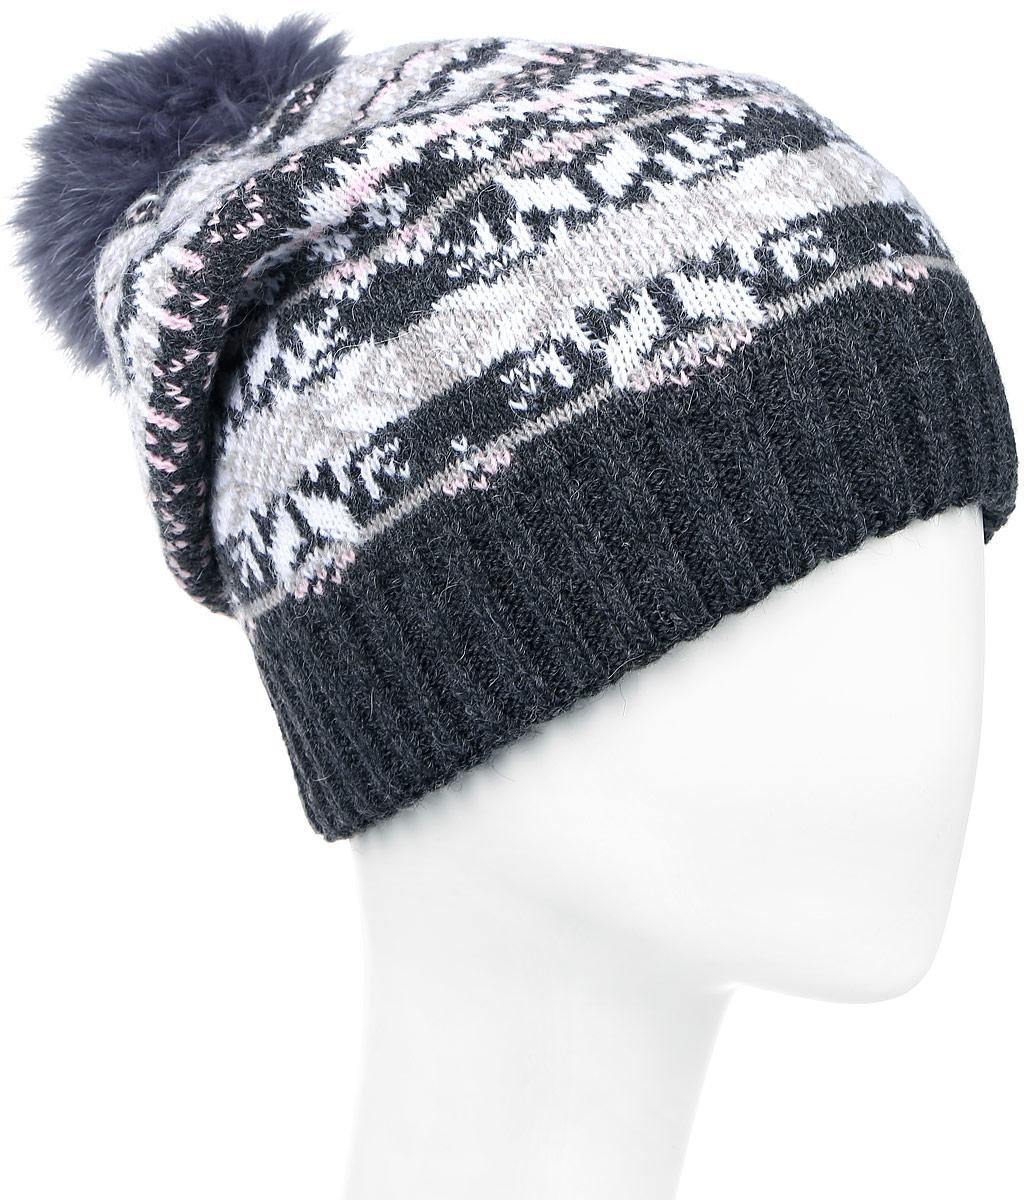 ШапкаW16-12127_201Стильная женская шапка Finn Flare дополнит ваш наряд и не позволит вам замерзнуть в холодное время года. Шапка выполнена из высококачественной пряжи, что позволяет ей великолепно сохранять тепло и обеспечивает высокую эластичность и удобство посадки. Модель оформлена оригинальным орнаментом и дополнена пушистым помпоном из меха песца. Такая шапка станет модным и стильным дополнением вашего гардероба. Уважаемые клиенты! Размер, доступный для заказа, является обхватом головы.